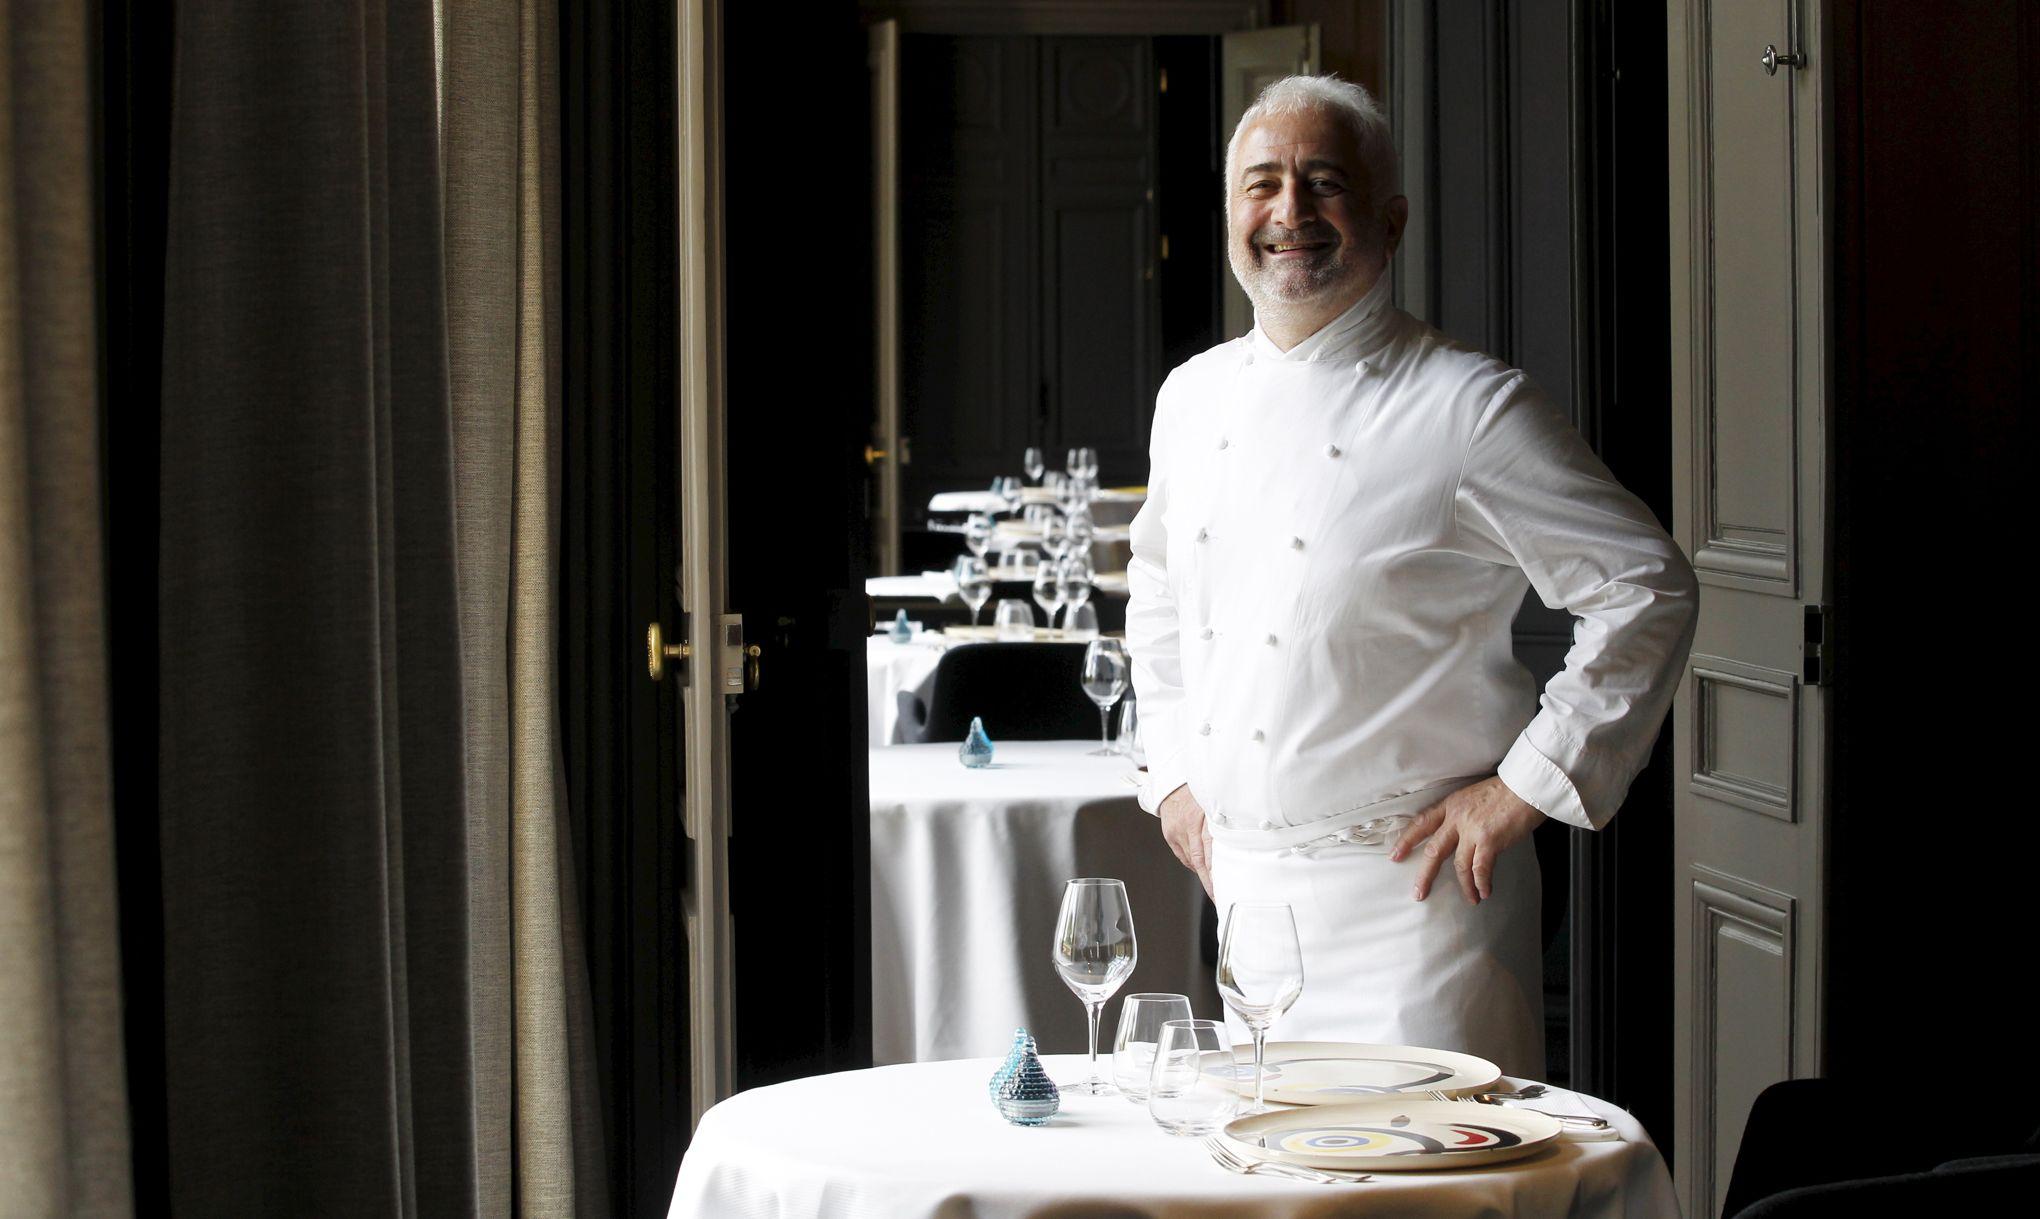 Le restaurant guy savoy sacr meilleure table du monde - Restaurant vaise tout le monde a table ...